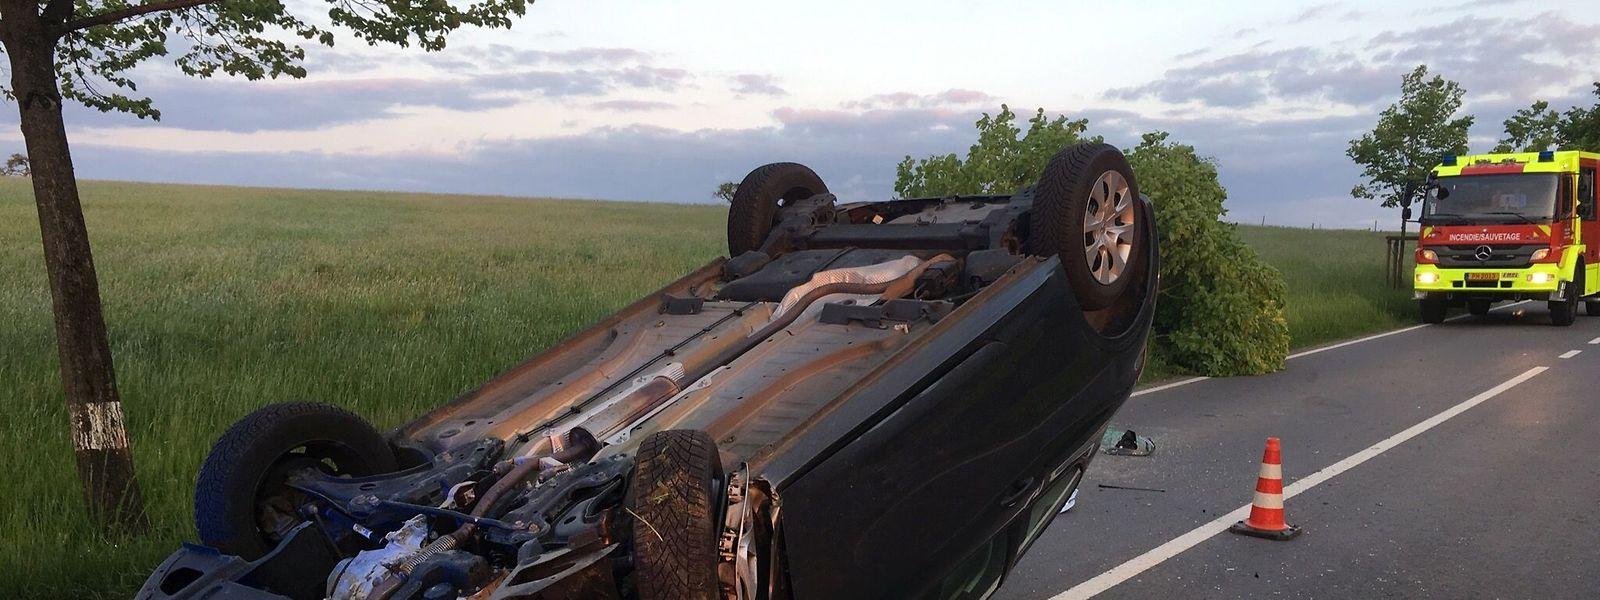 La conductrice a eu beaucoup de chance et n'a été que légèrement blessée